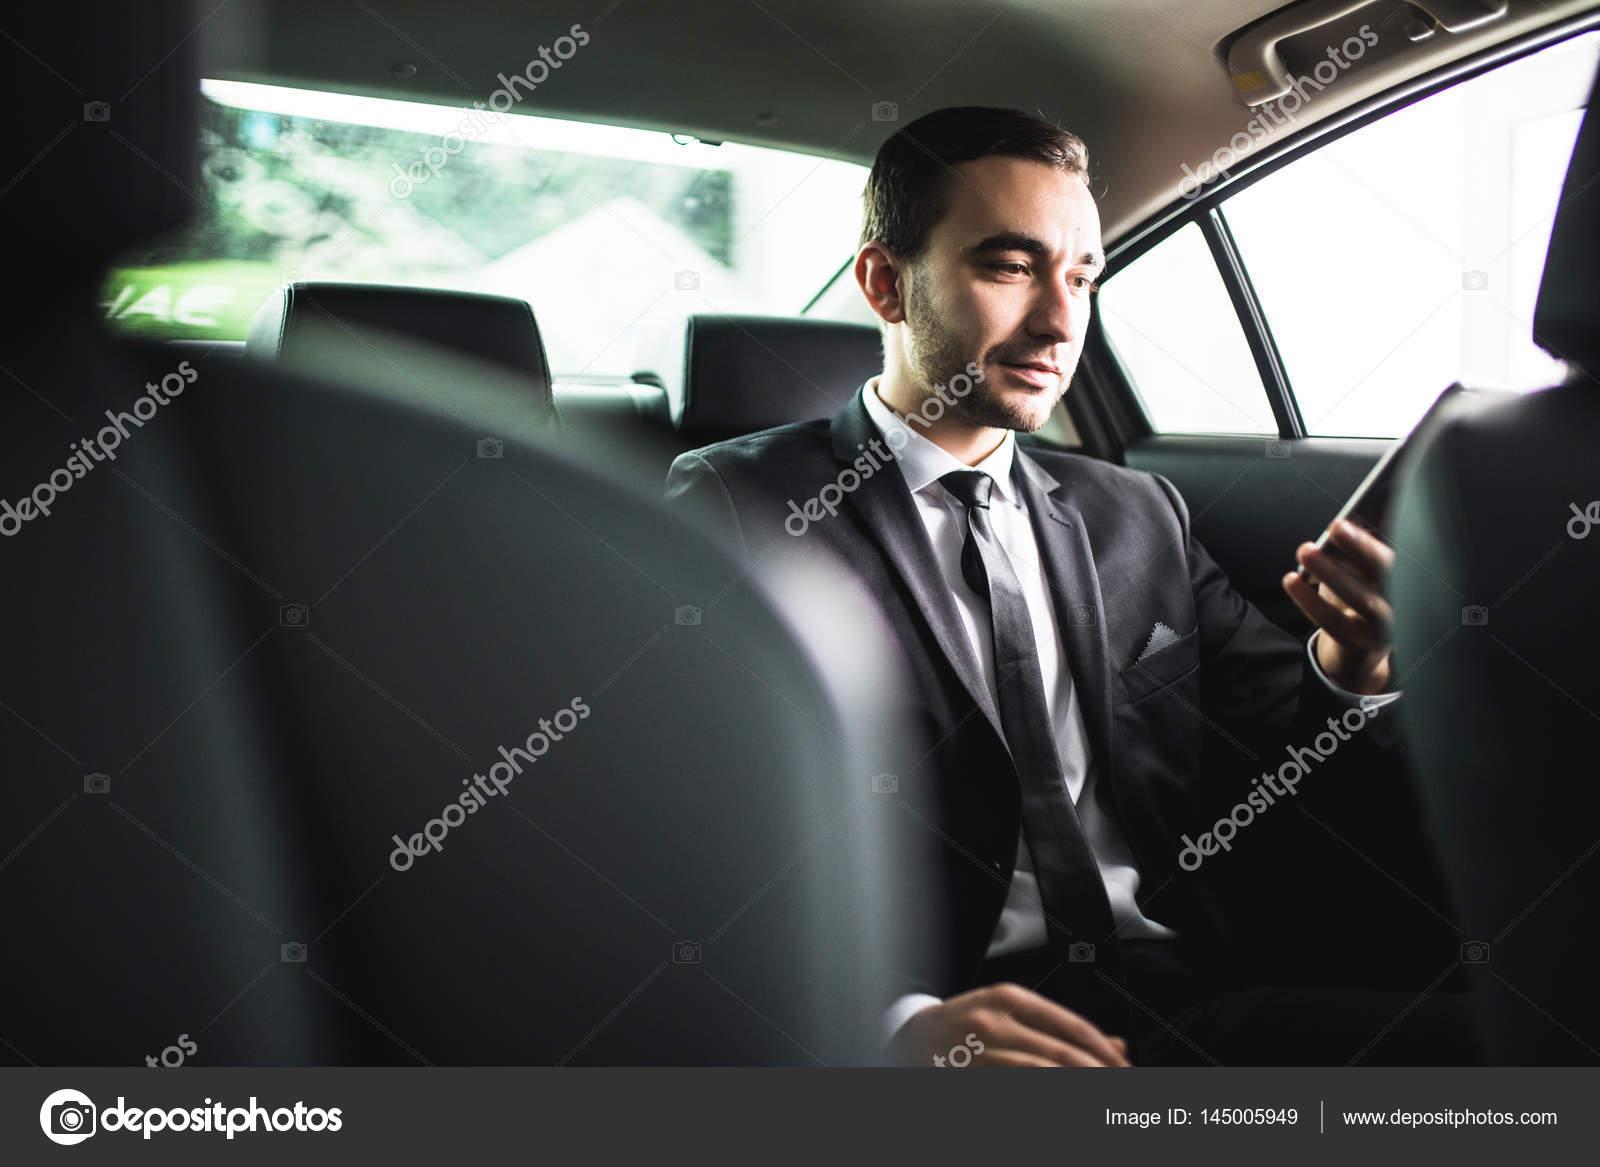 Seguro joven empresario marco su teléfono inteligente y mirando a ...